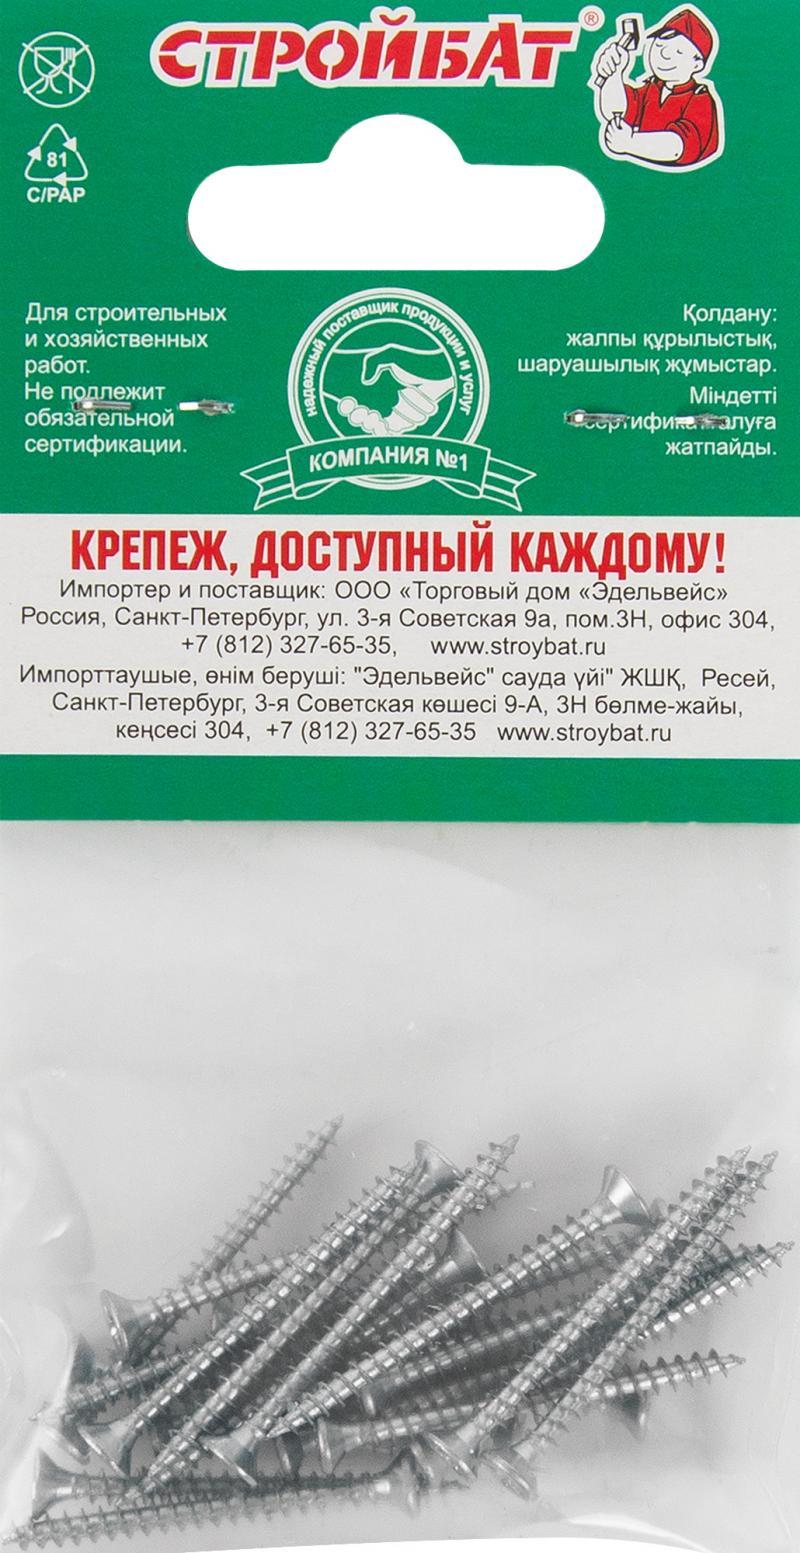 Саморезы универсальные, оцинкованные, 3Х35, упаковка 22 шт.